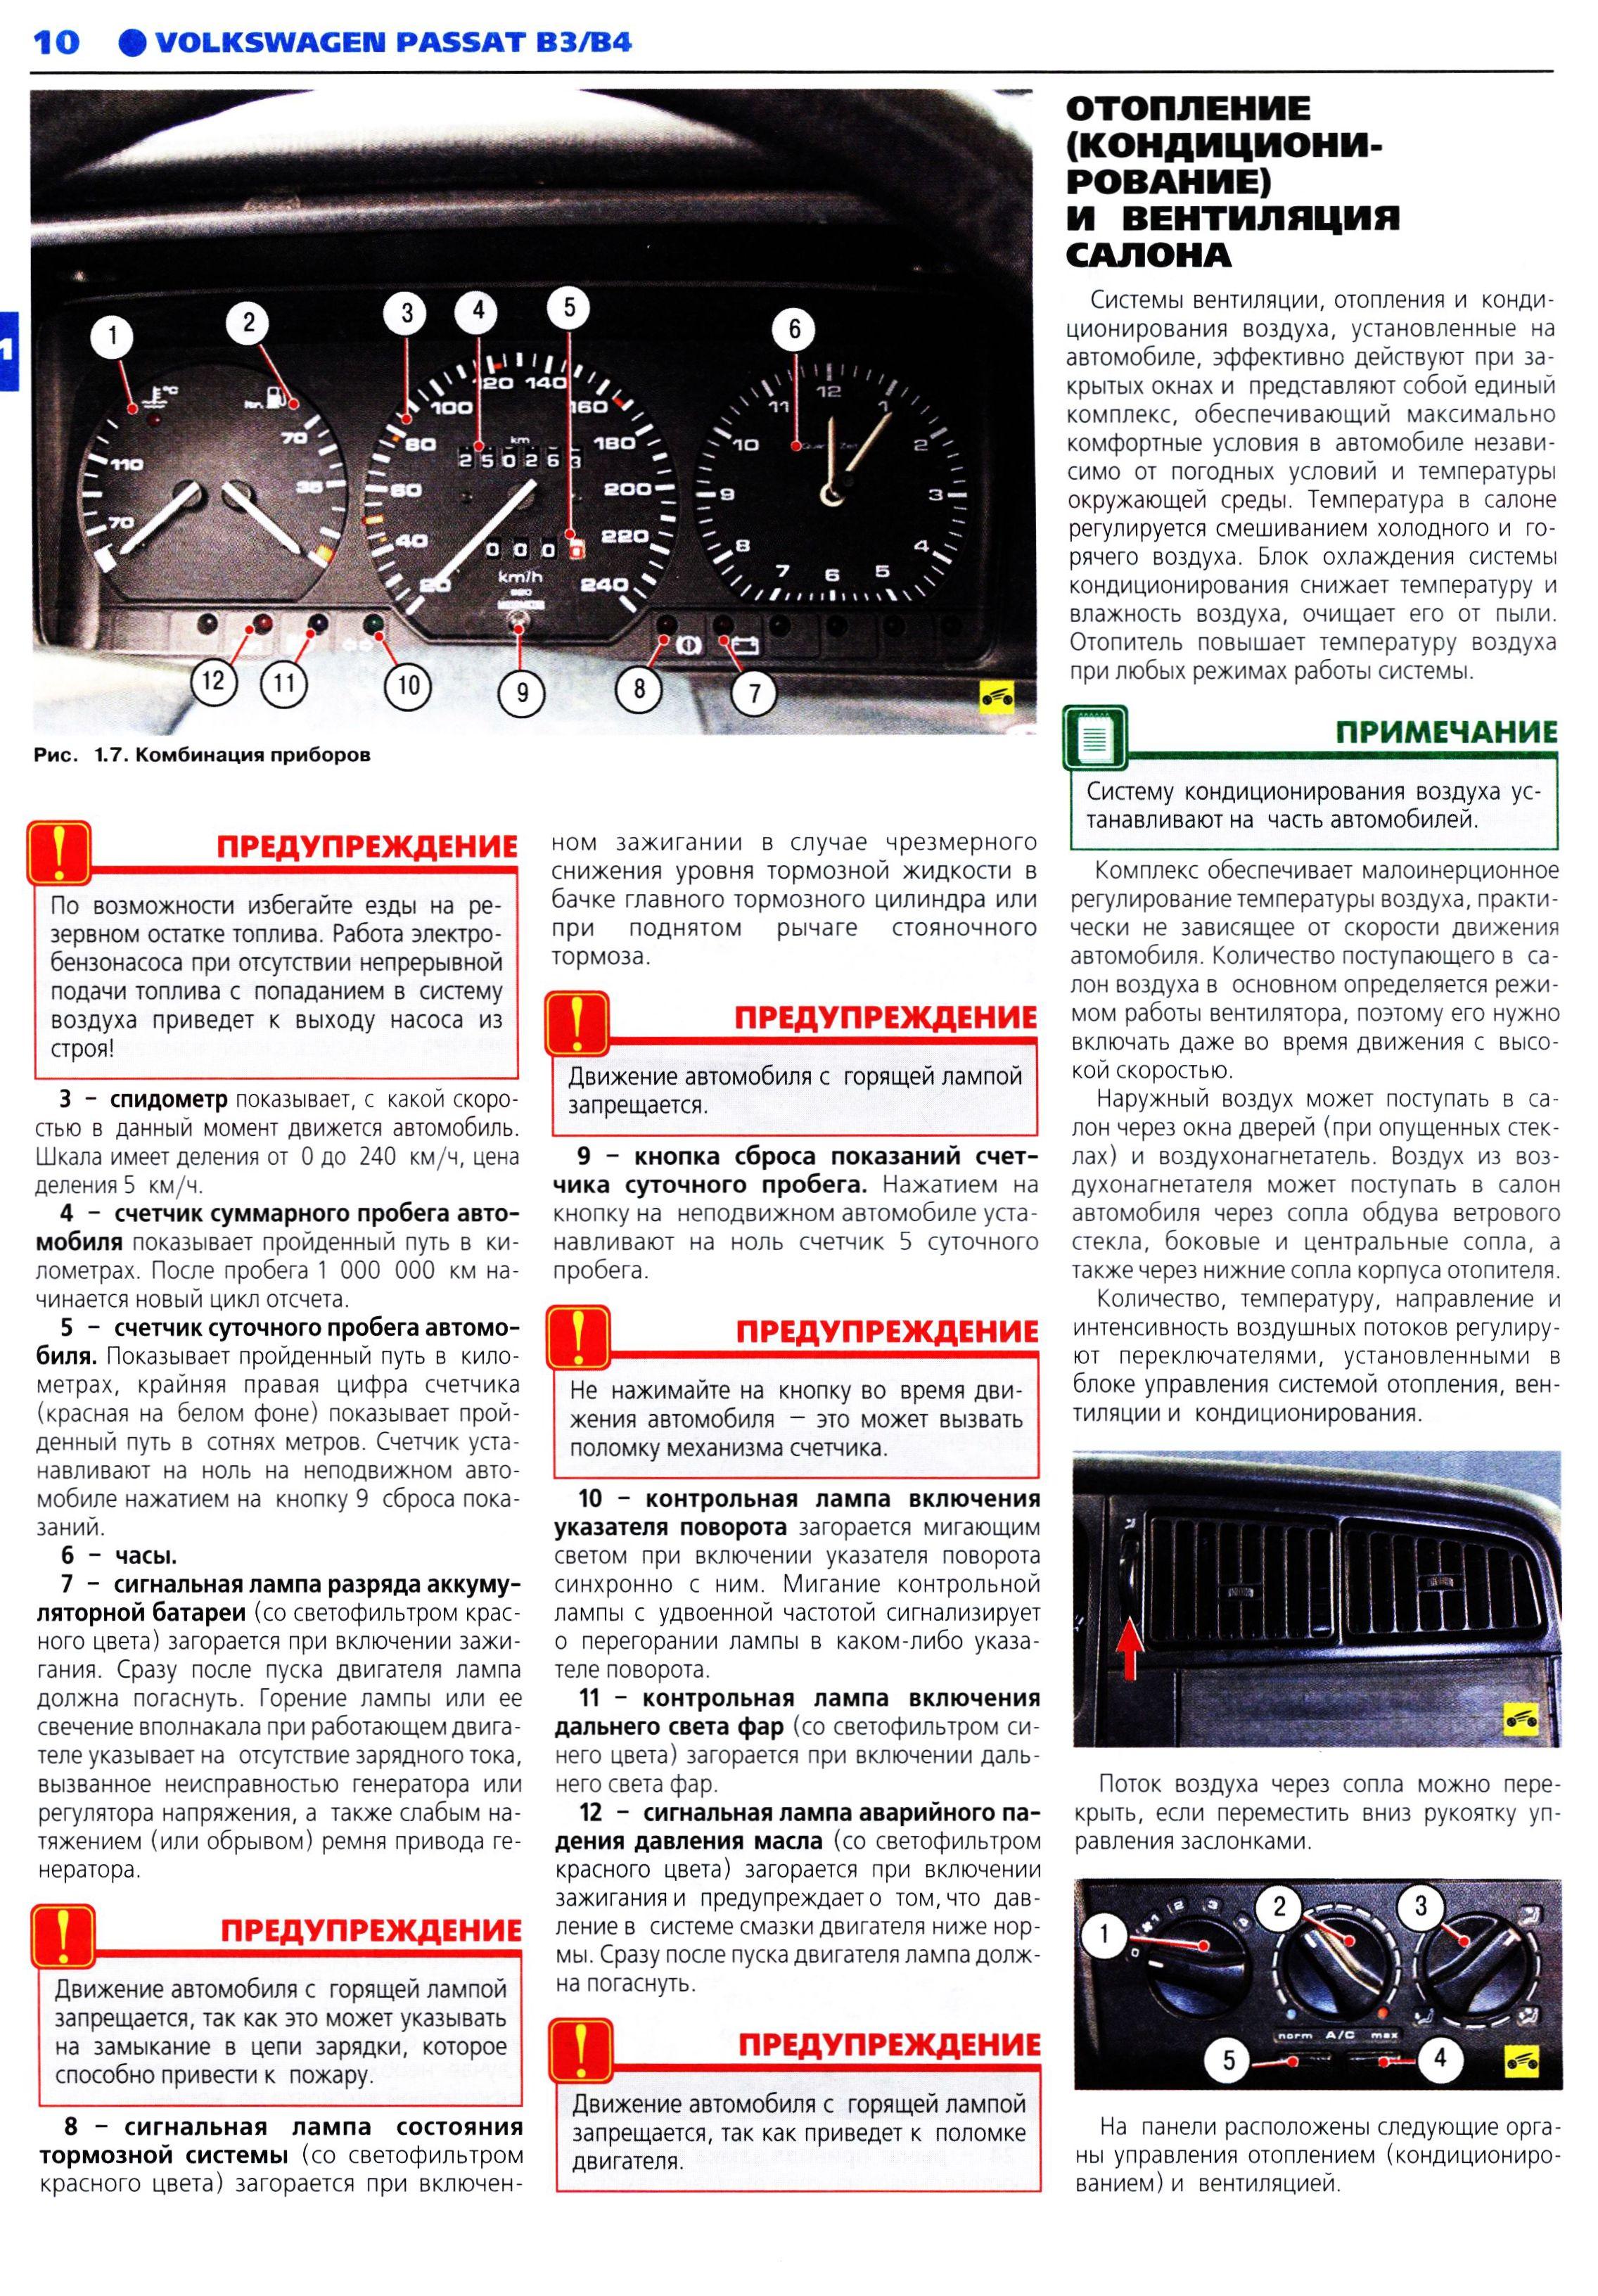 Руководство по ремонту и эксплуатации фольксваген пассат б4